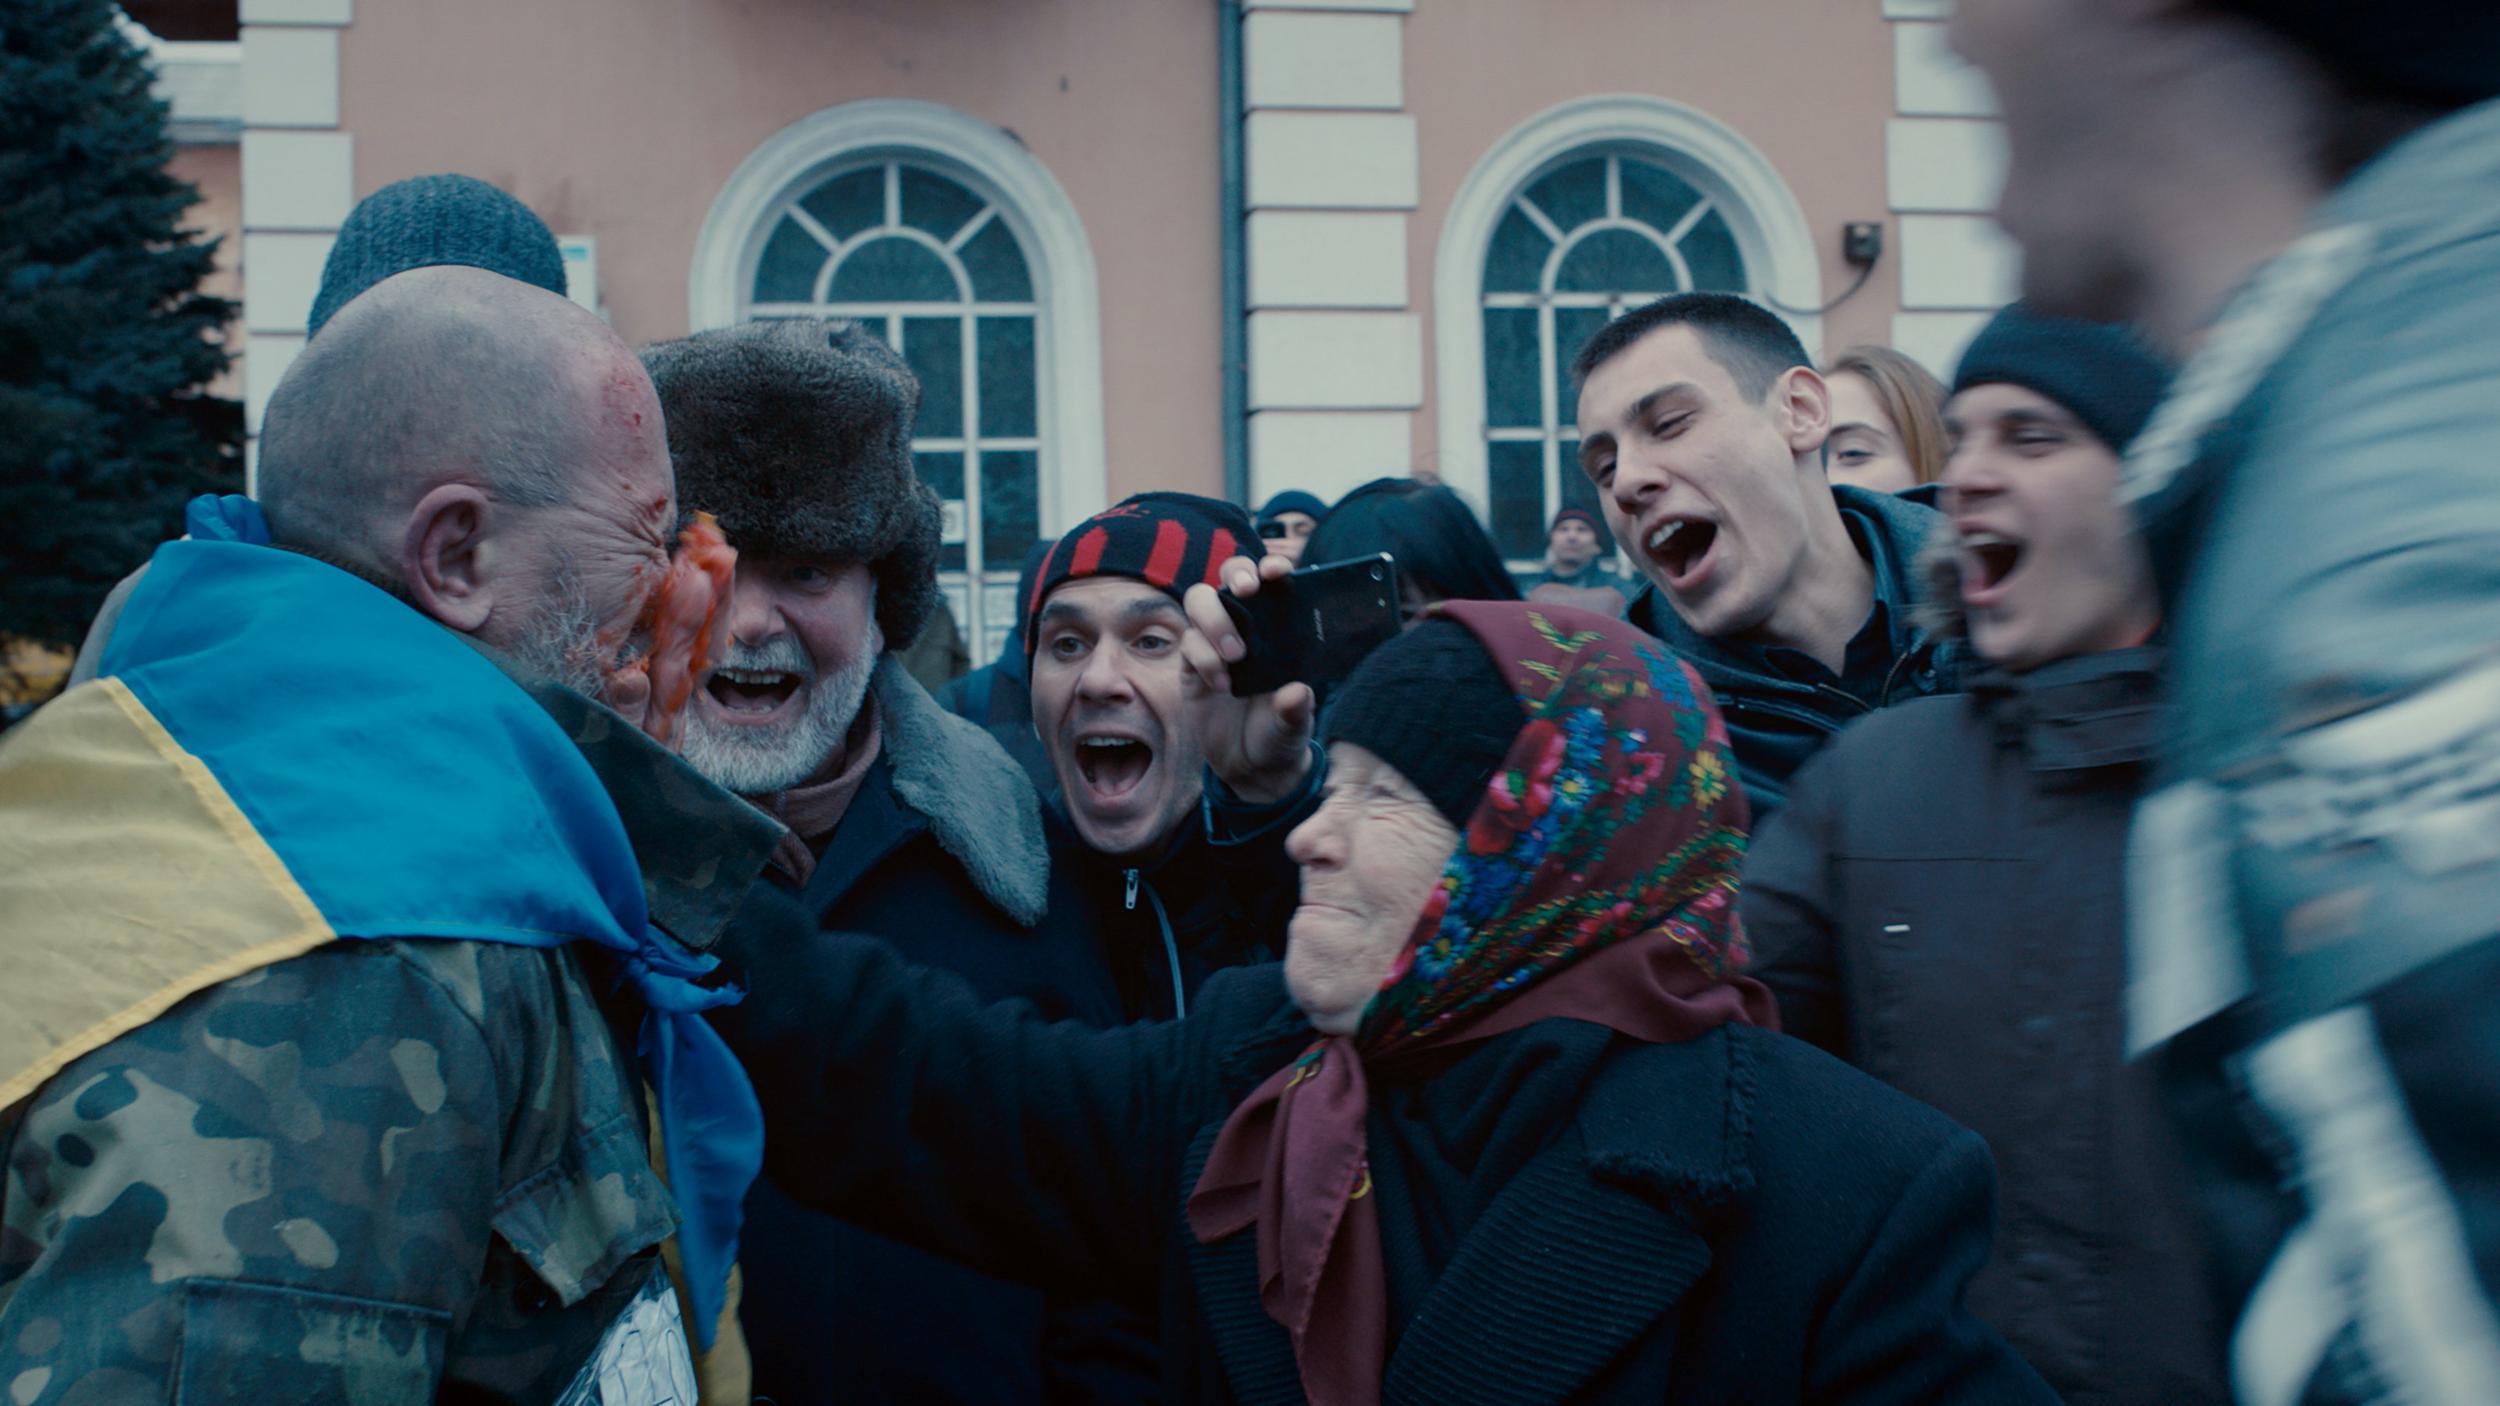 Українська кіноіндустрія третій місяць не отримує коштів із держбюджету